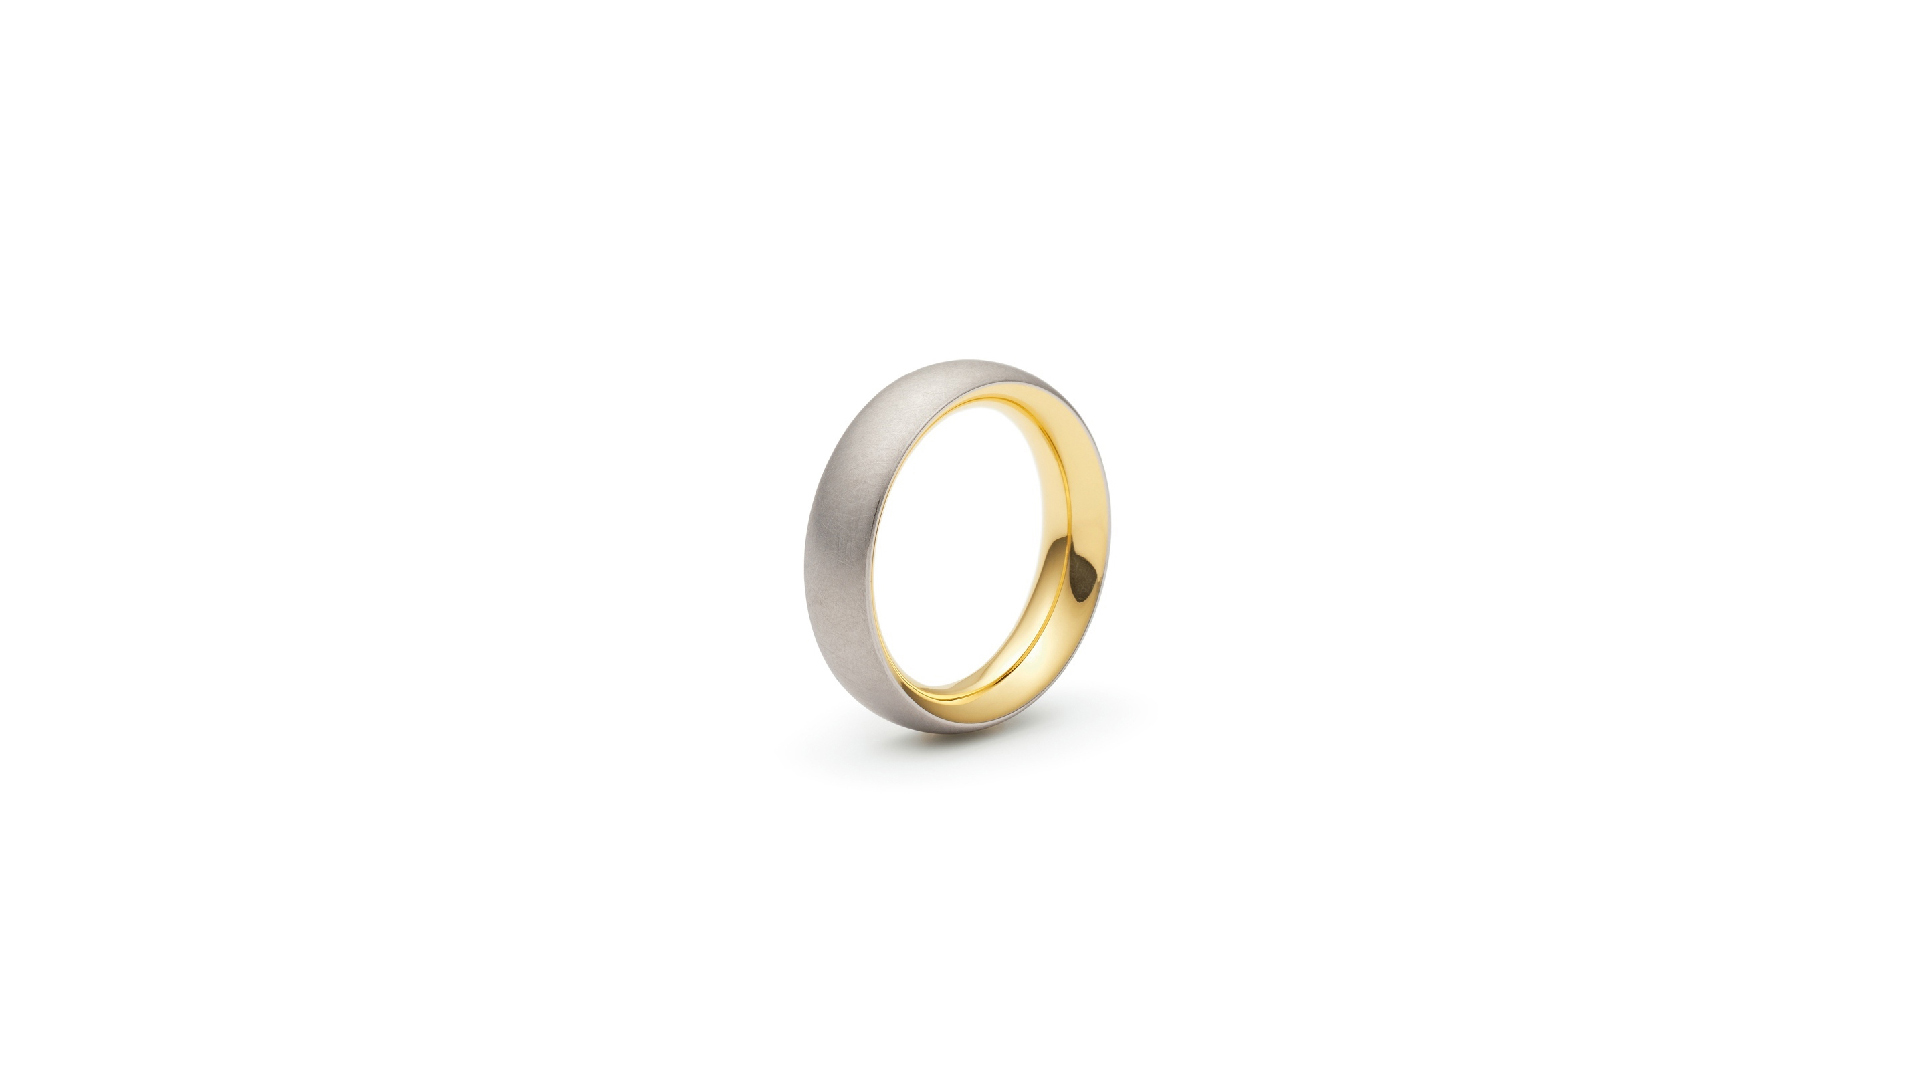 Image Result For Wedding Rings Jpg